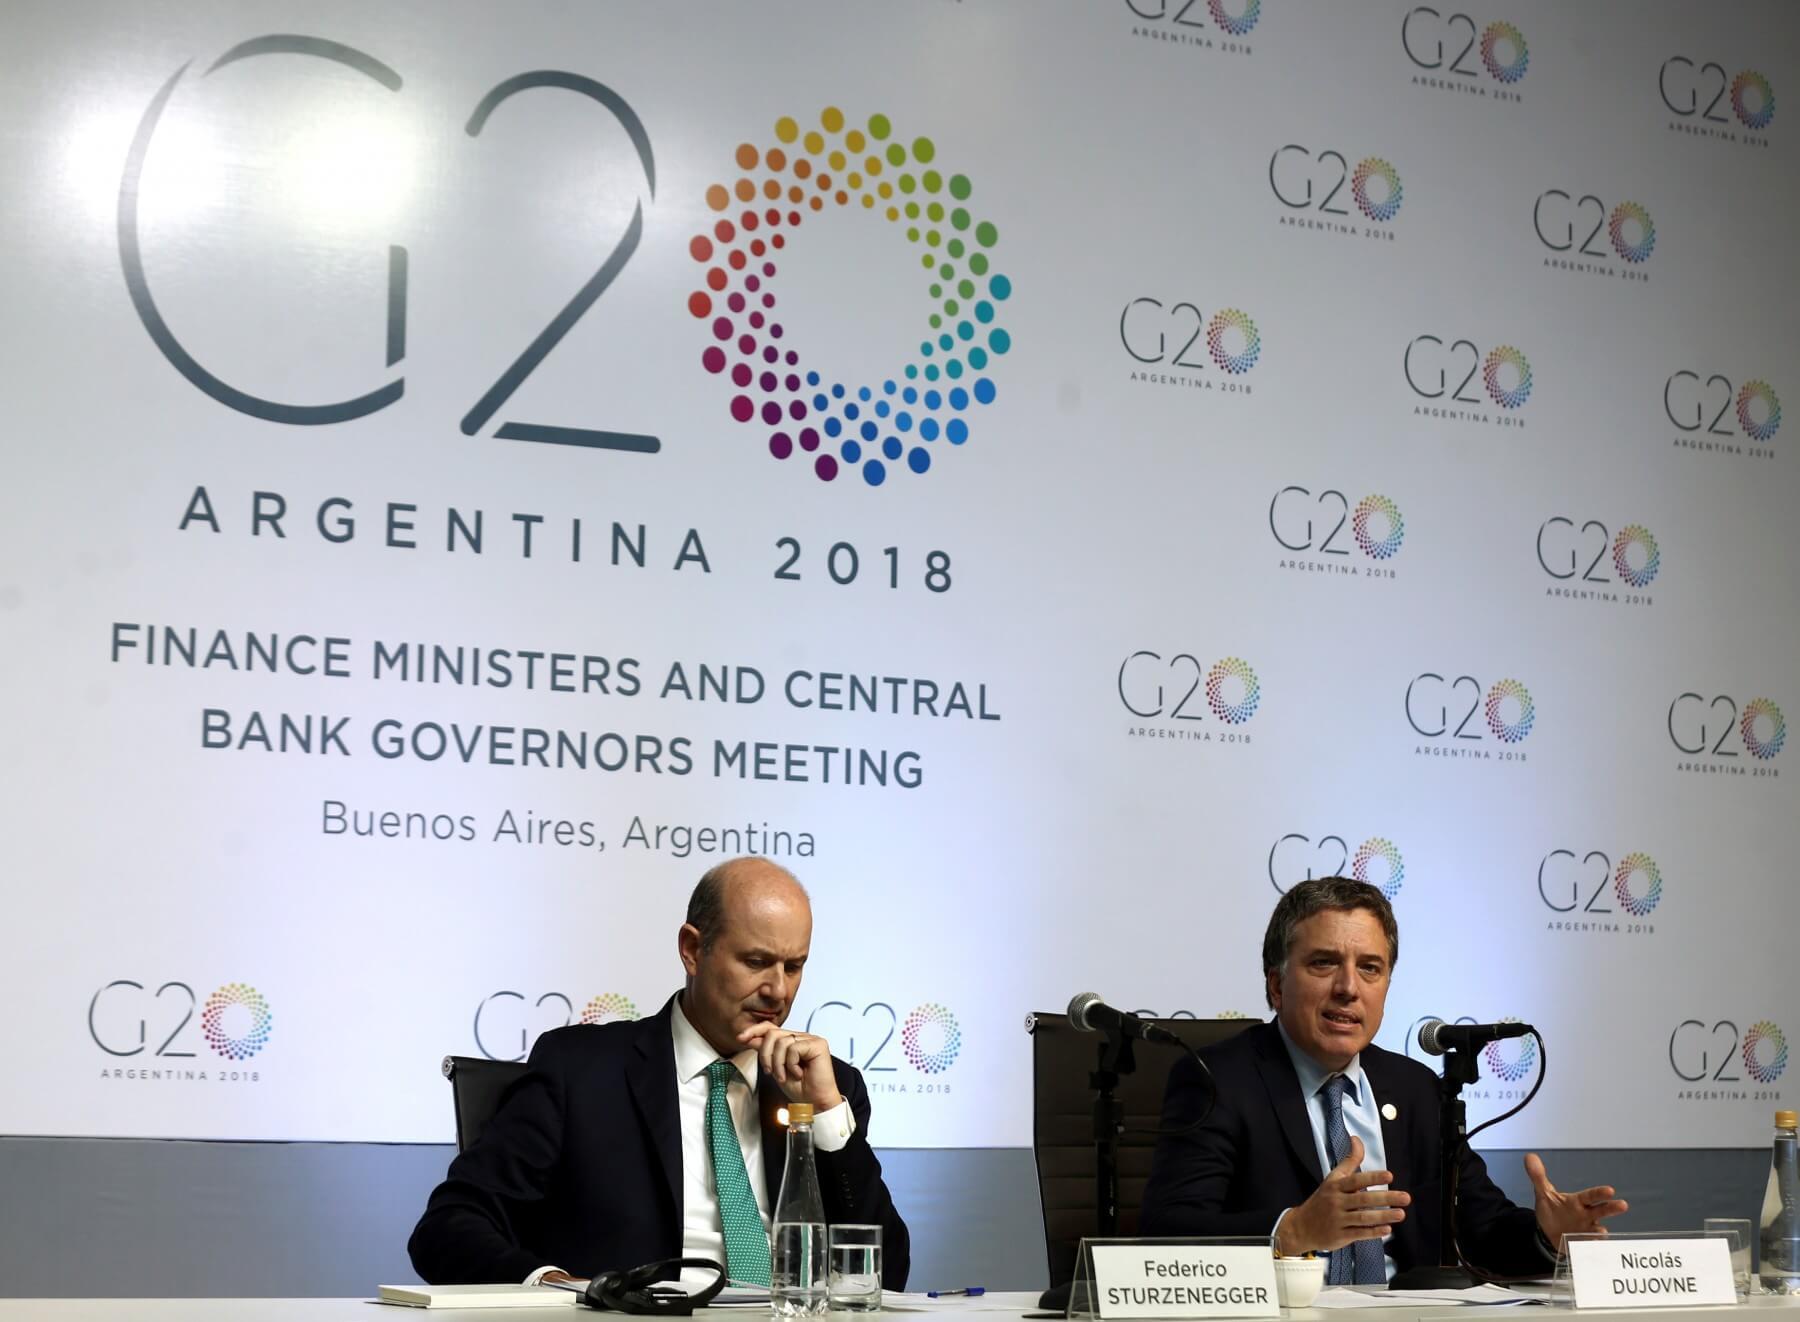 Конференция G-20 в Буэнос-Айрес, 2018